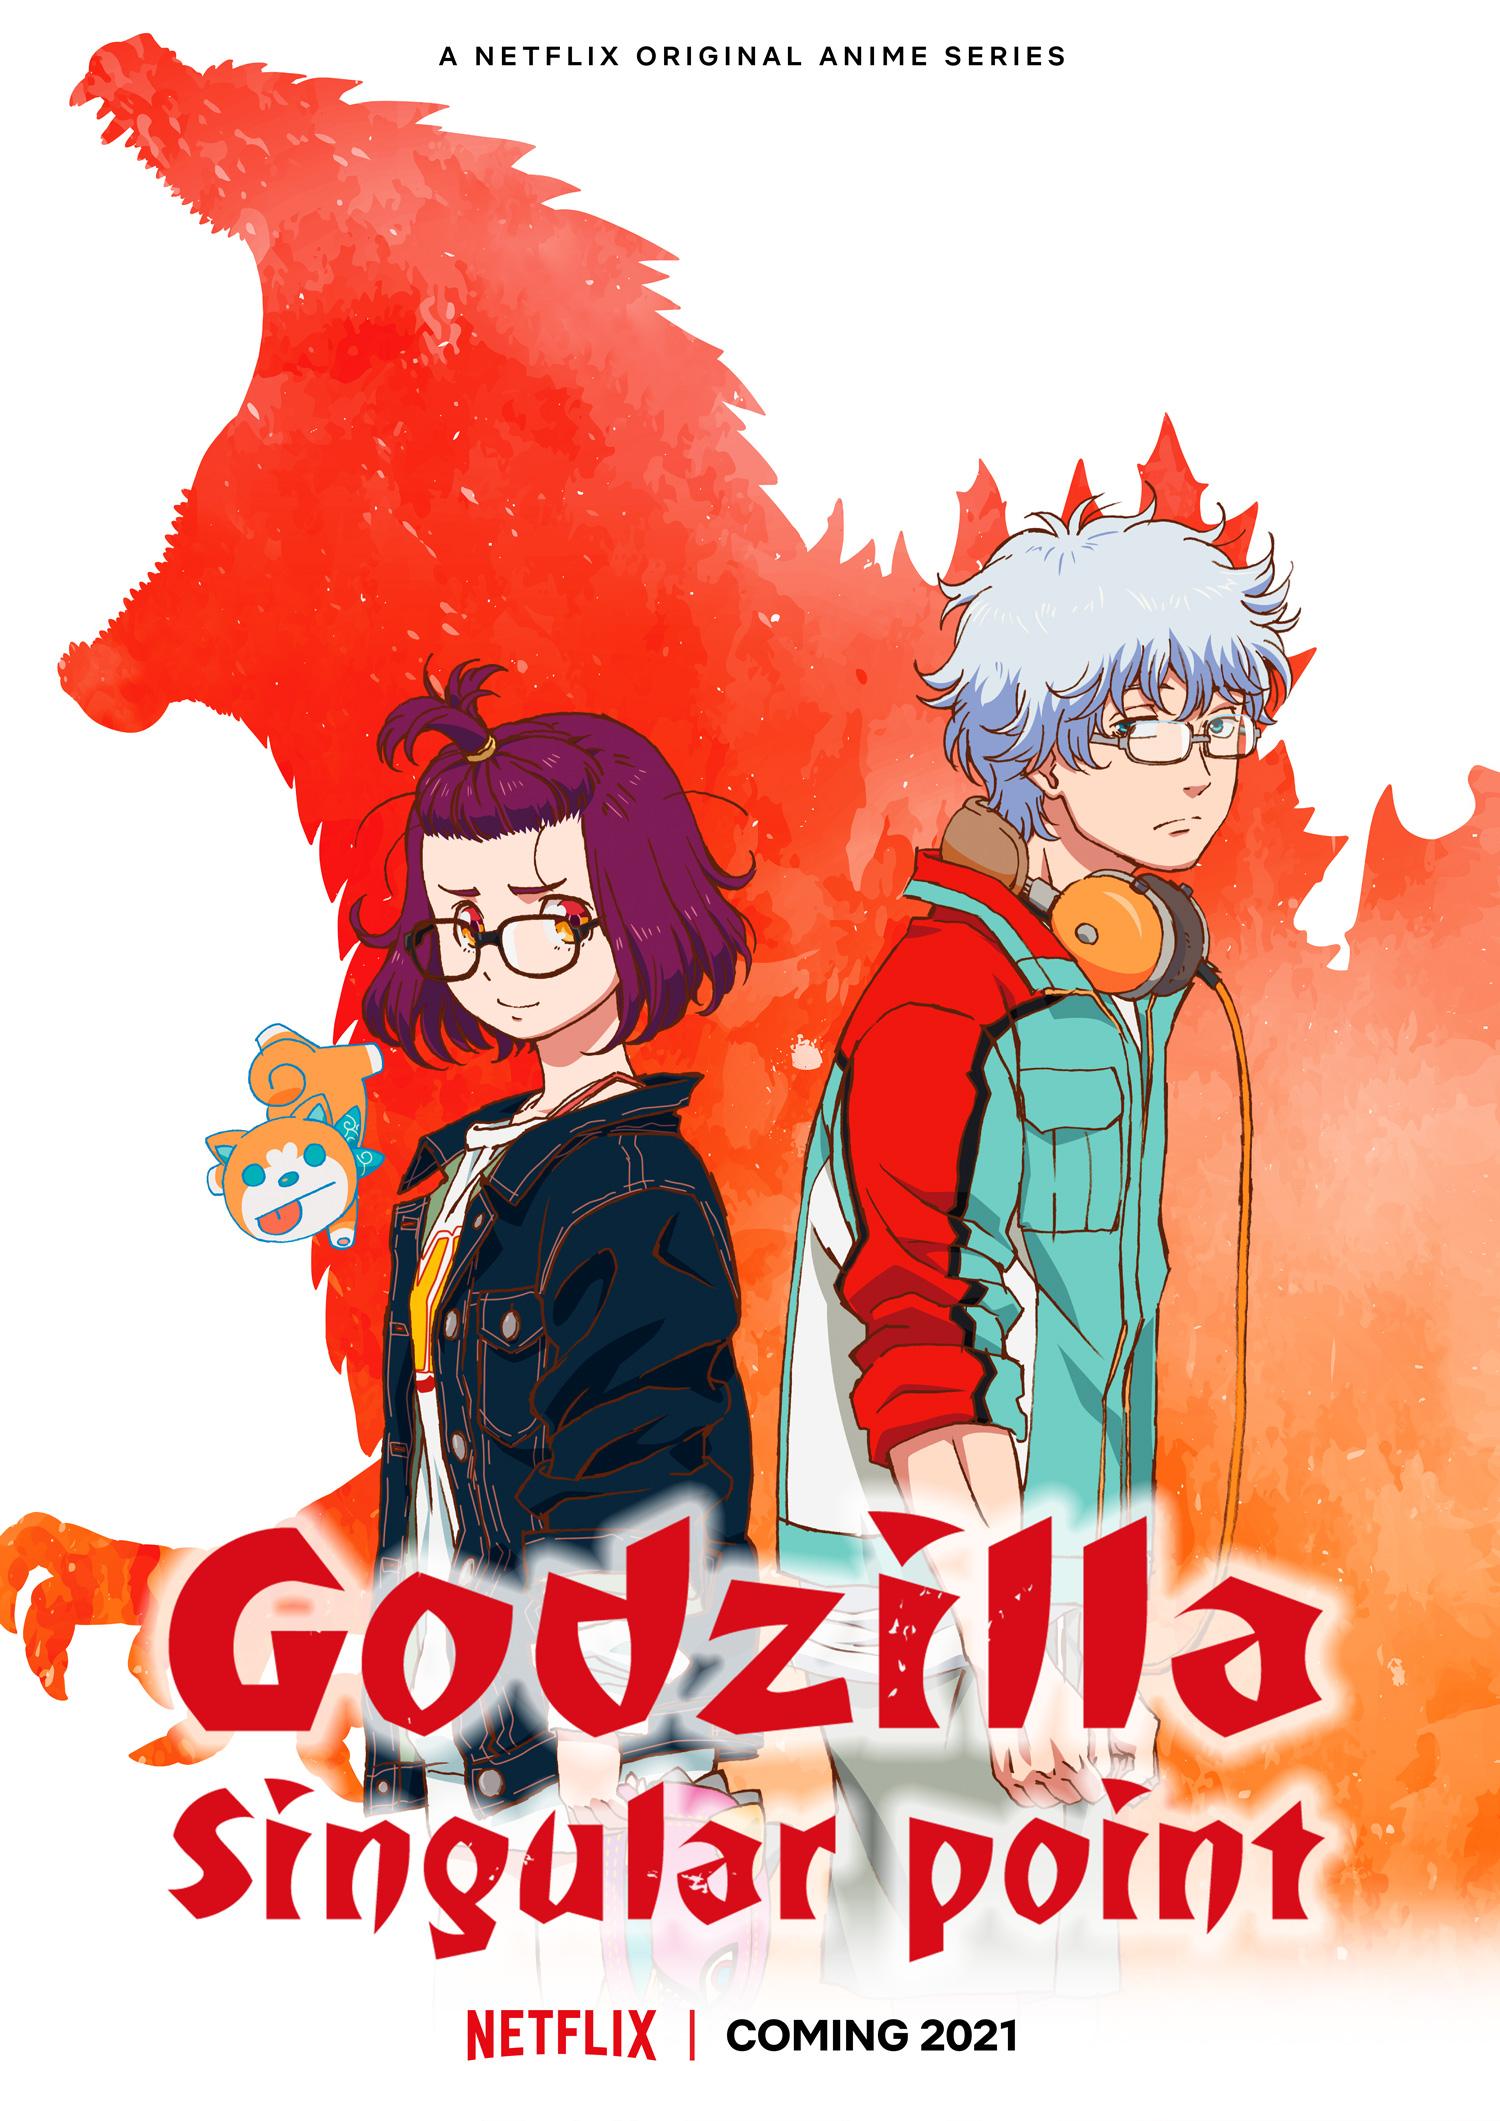 Godzilla: Punto singular